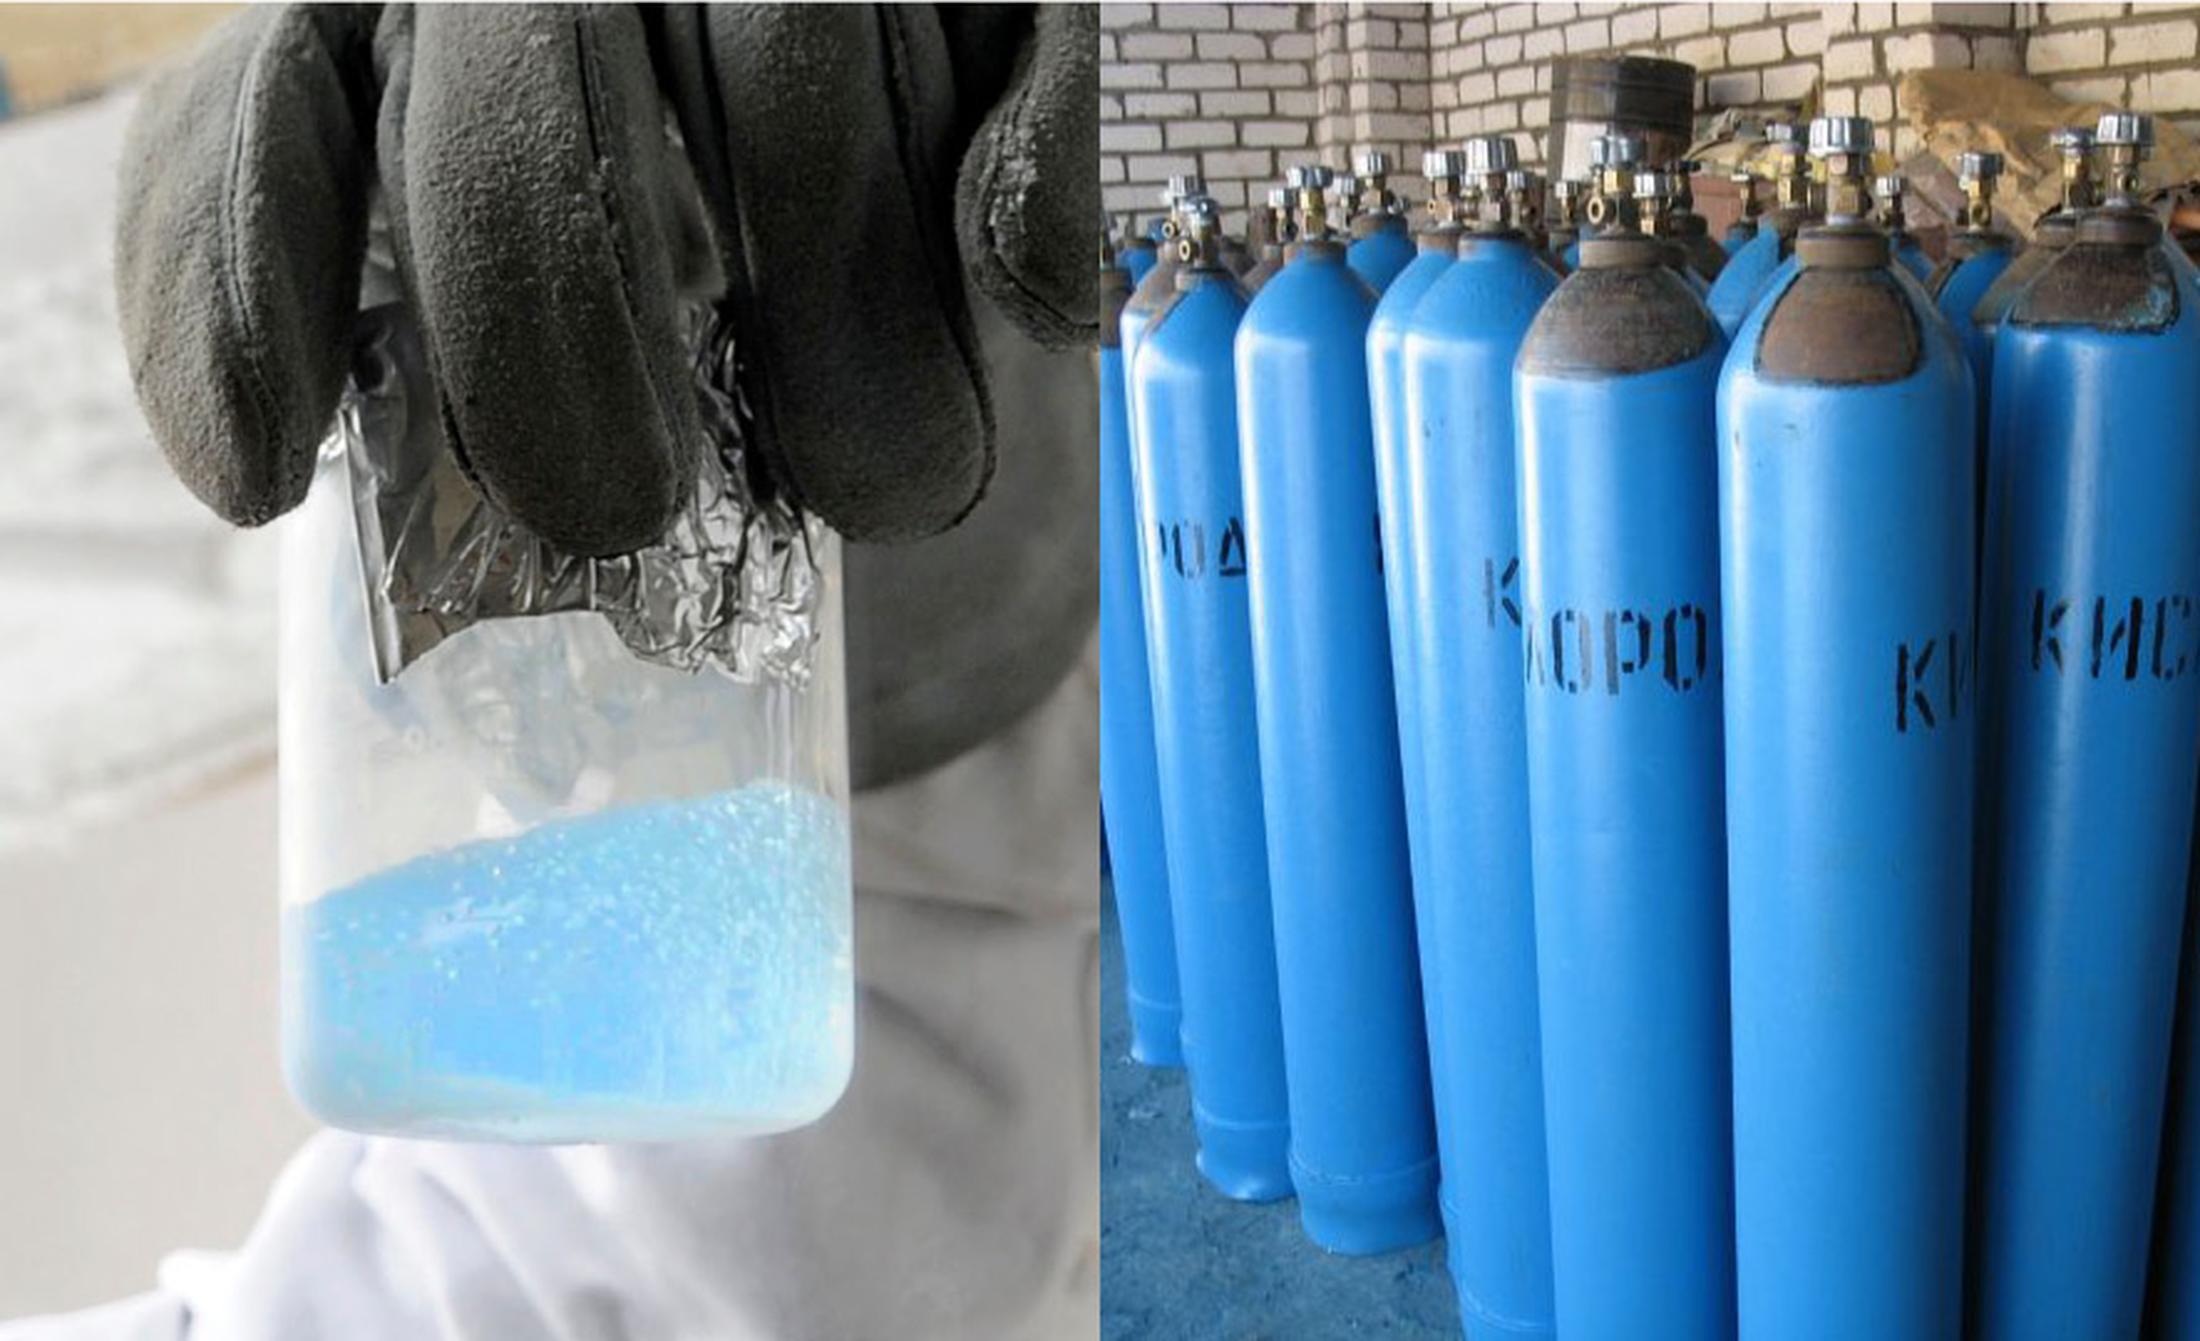 голубой баллон – это кислород